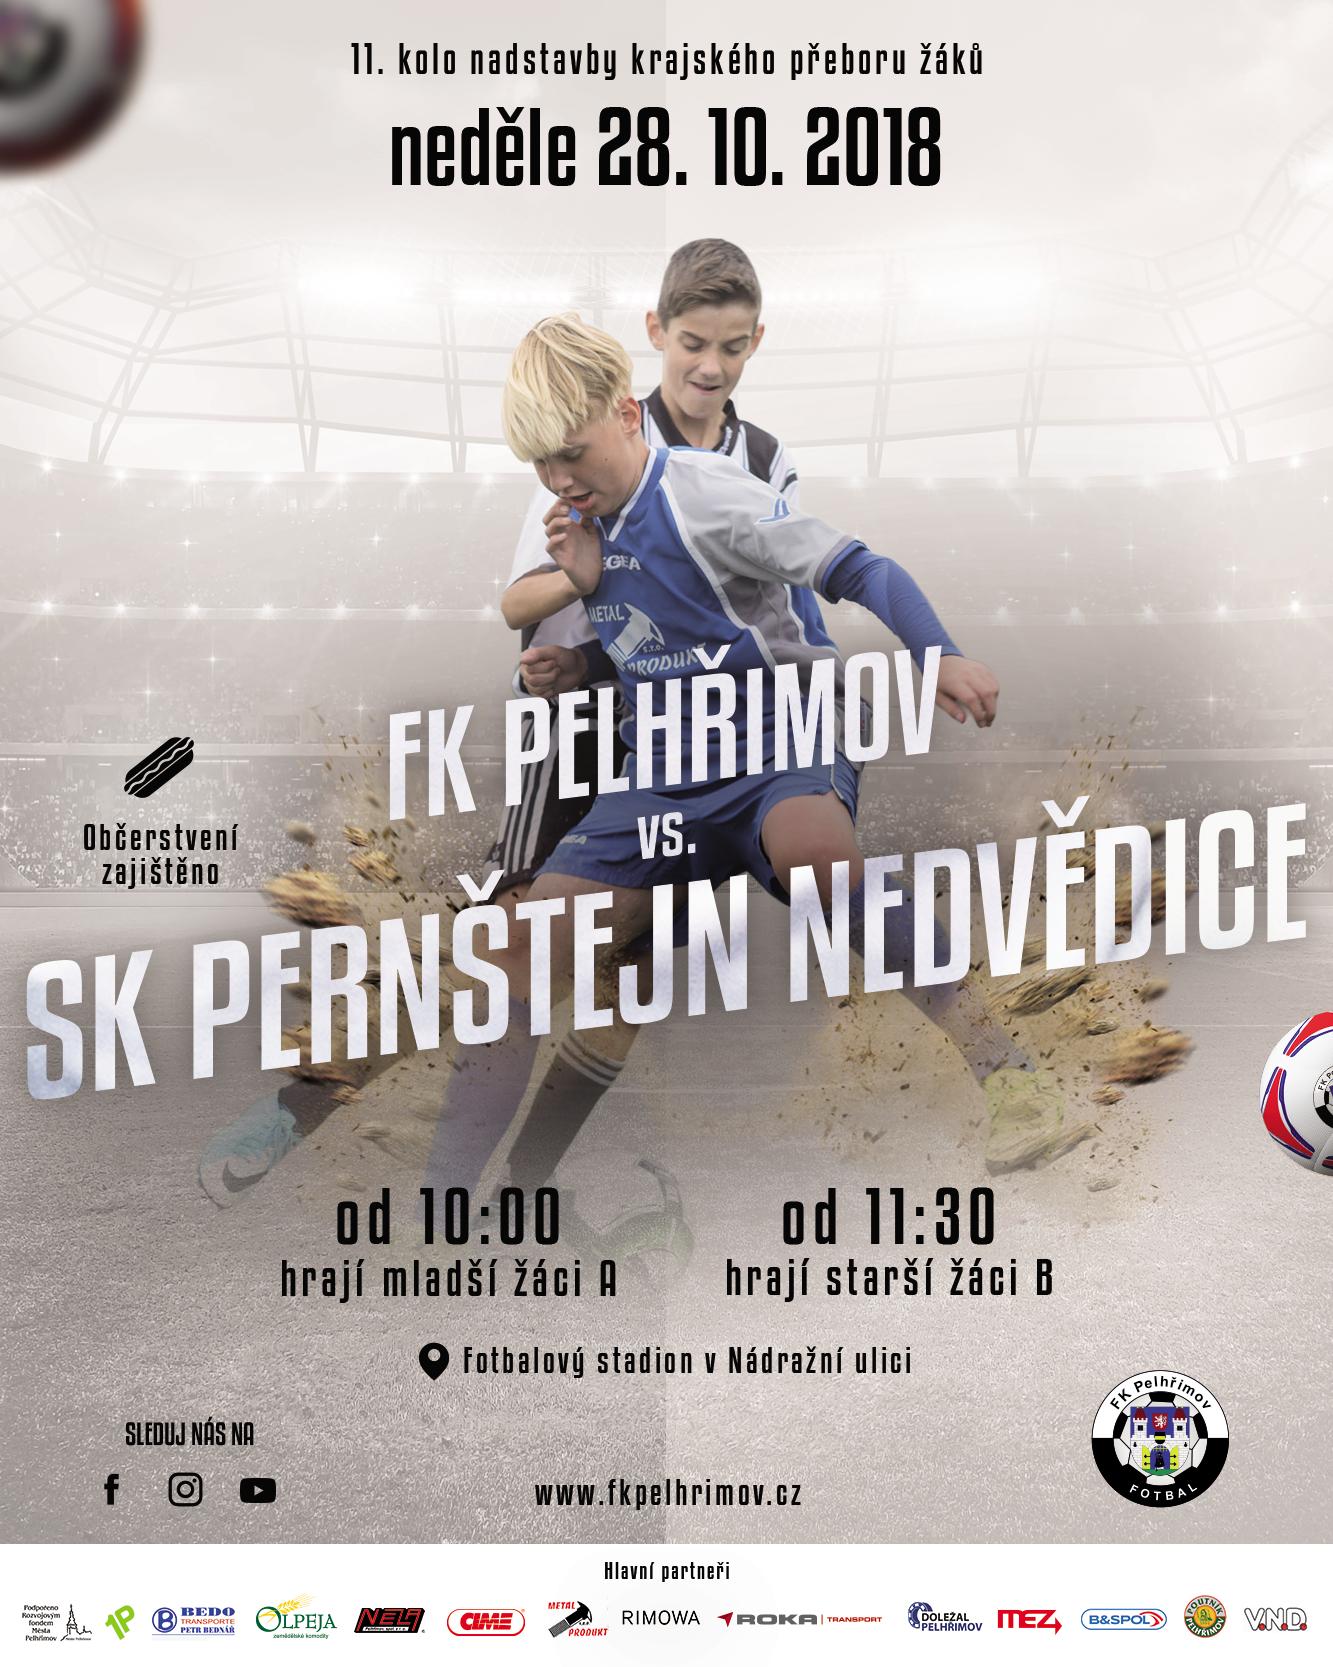 Pozvánka na utkání FK Pelhřimov – SK Pernštejn Nedvědice (2018-10-28, krajský přebor žáků)